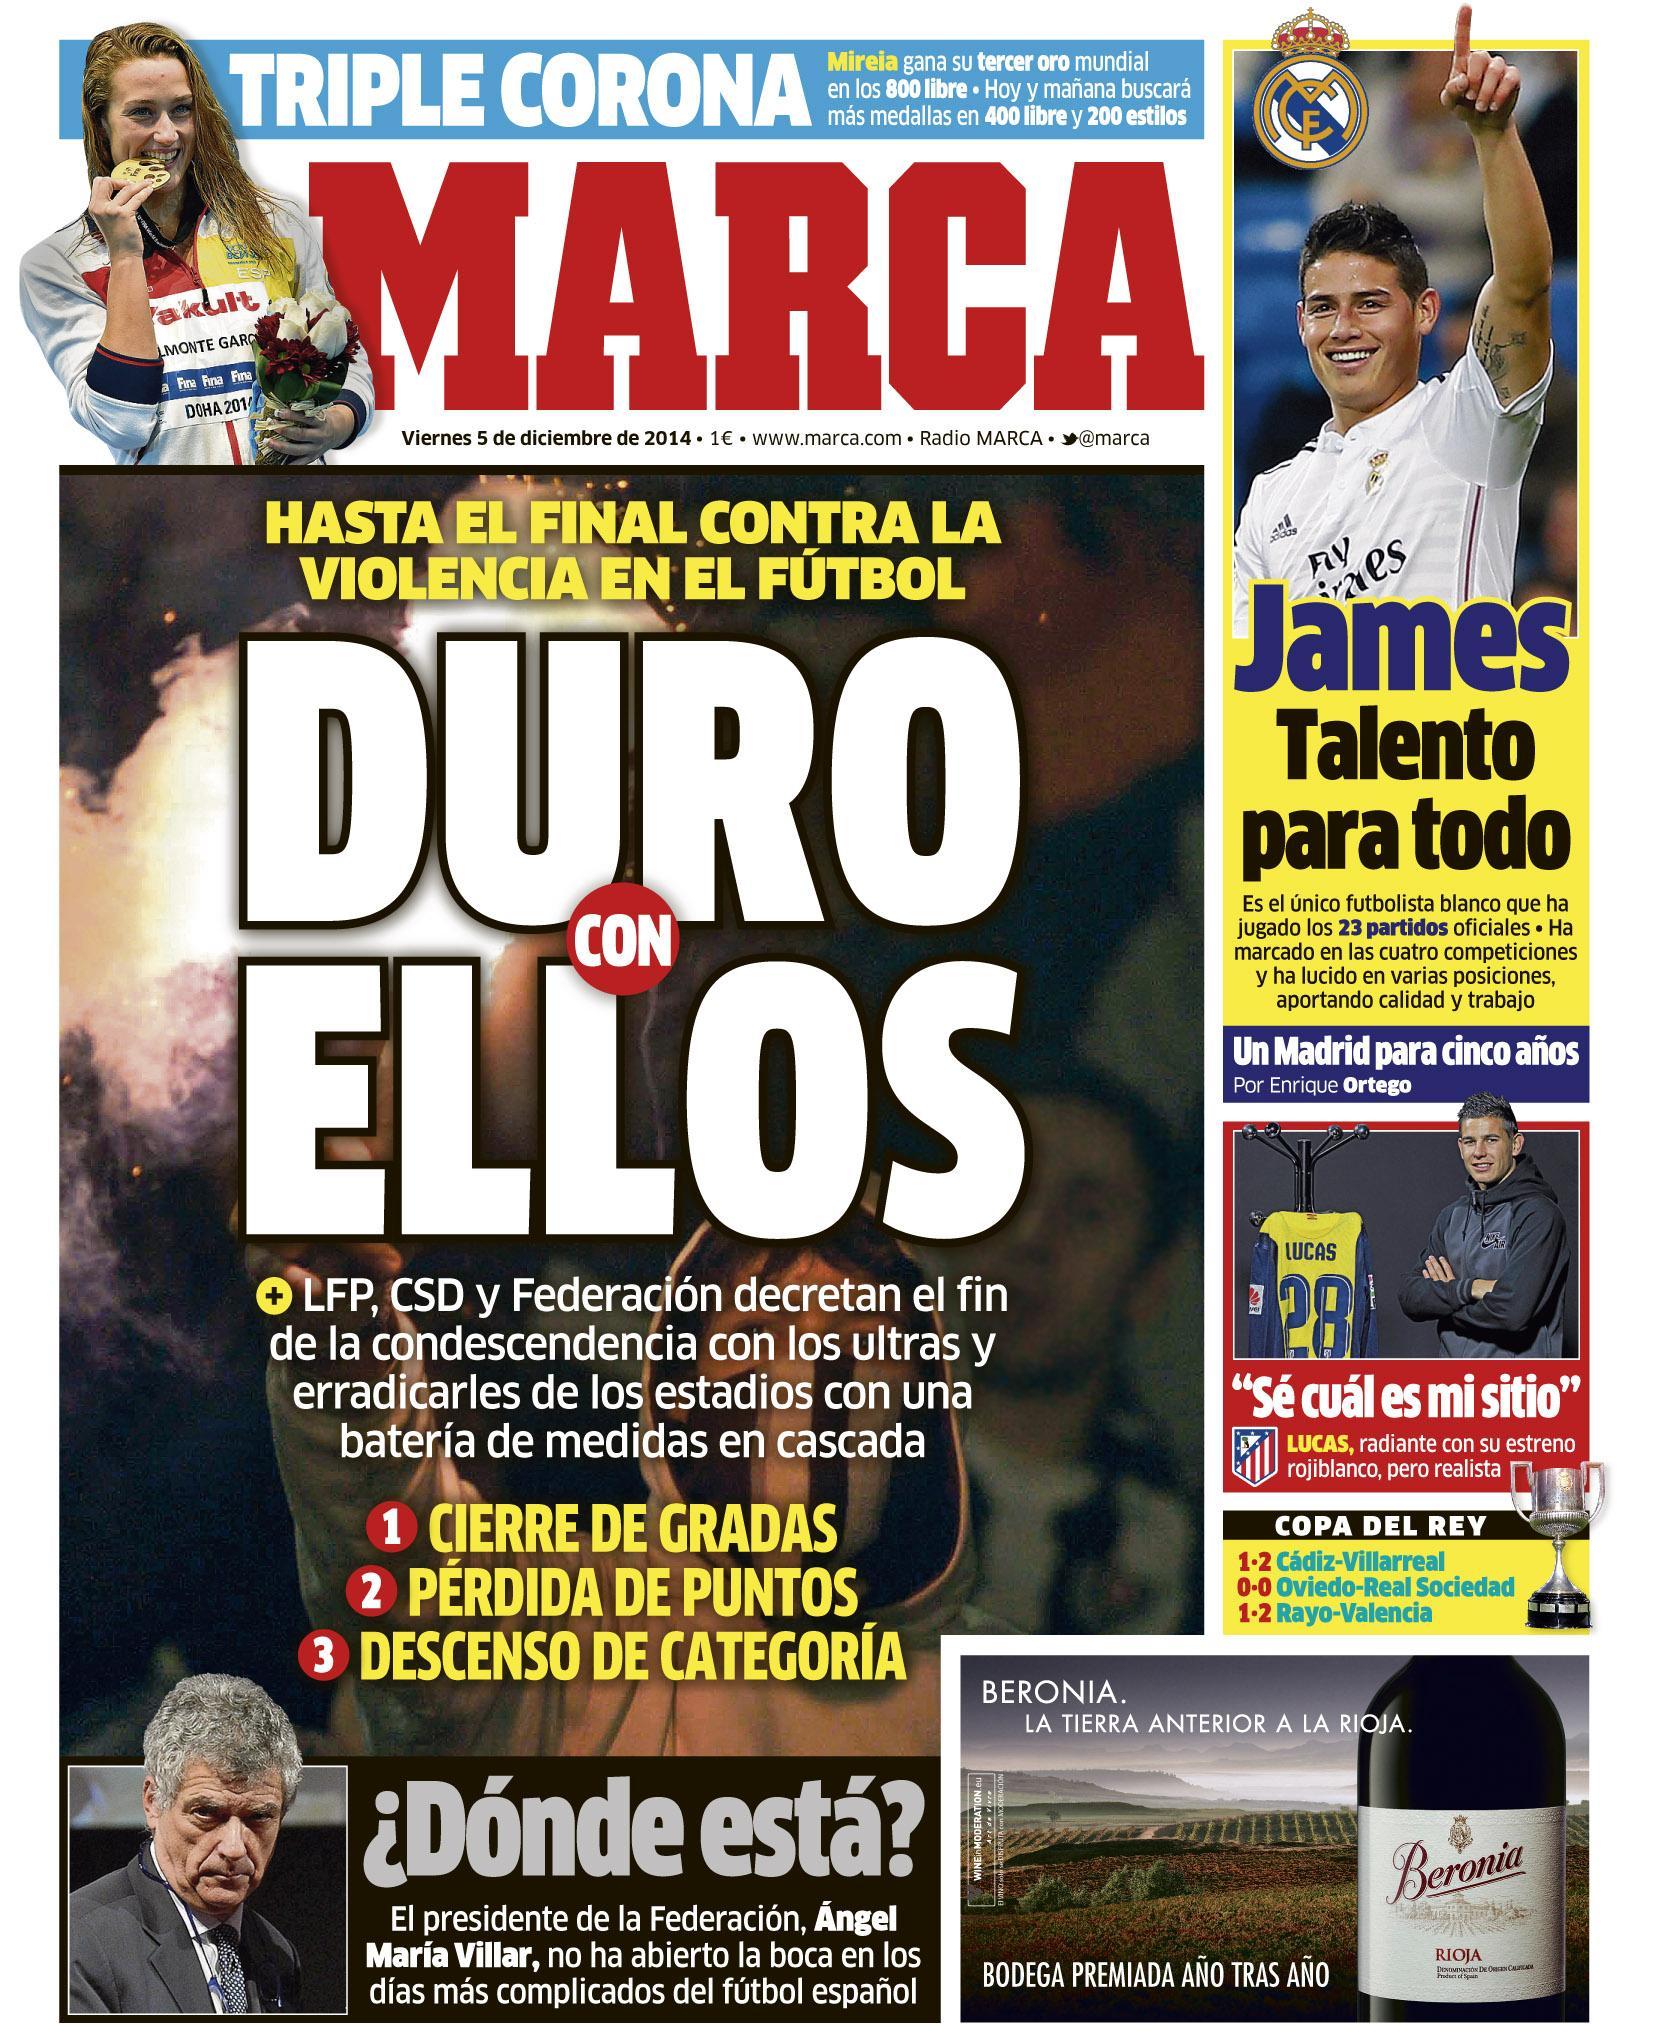 Matrimonio - Magazine cover